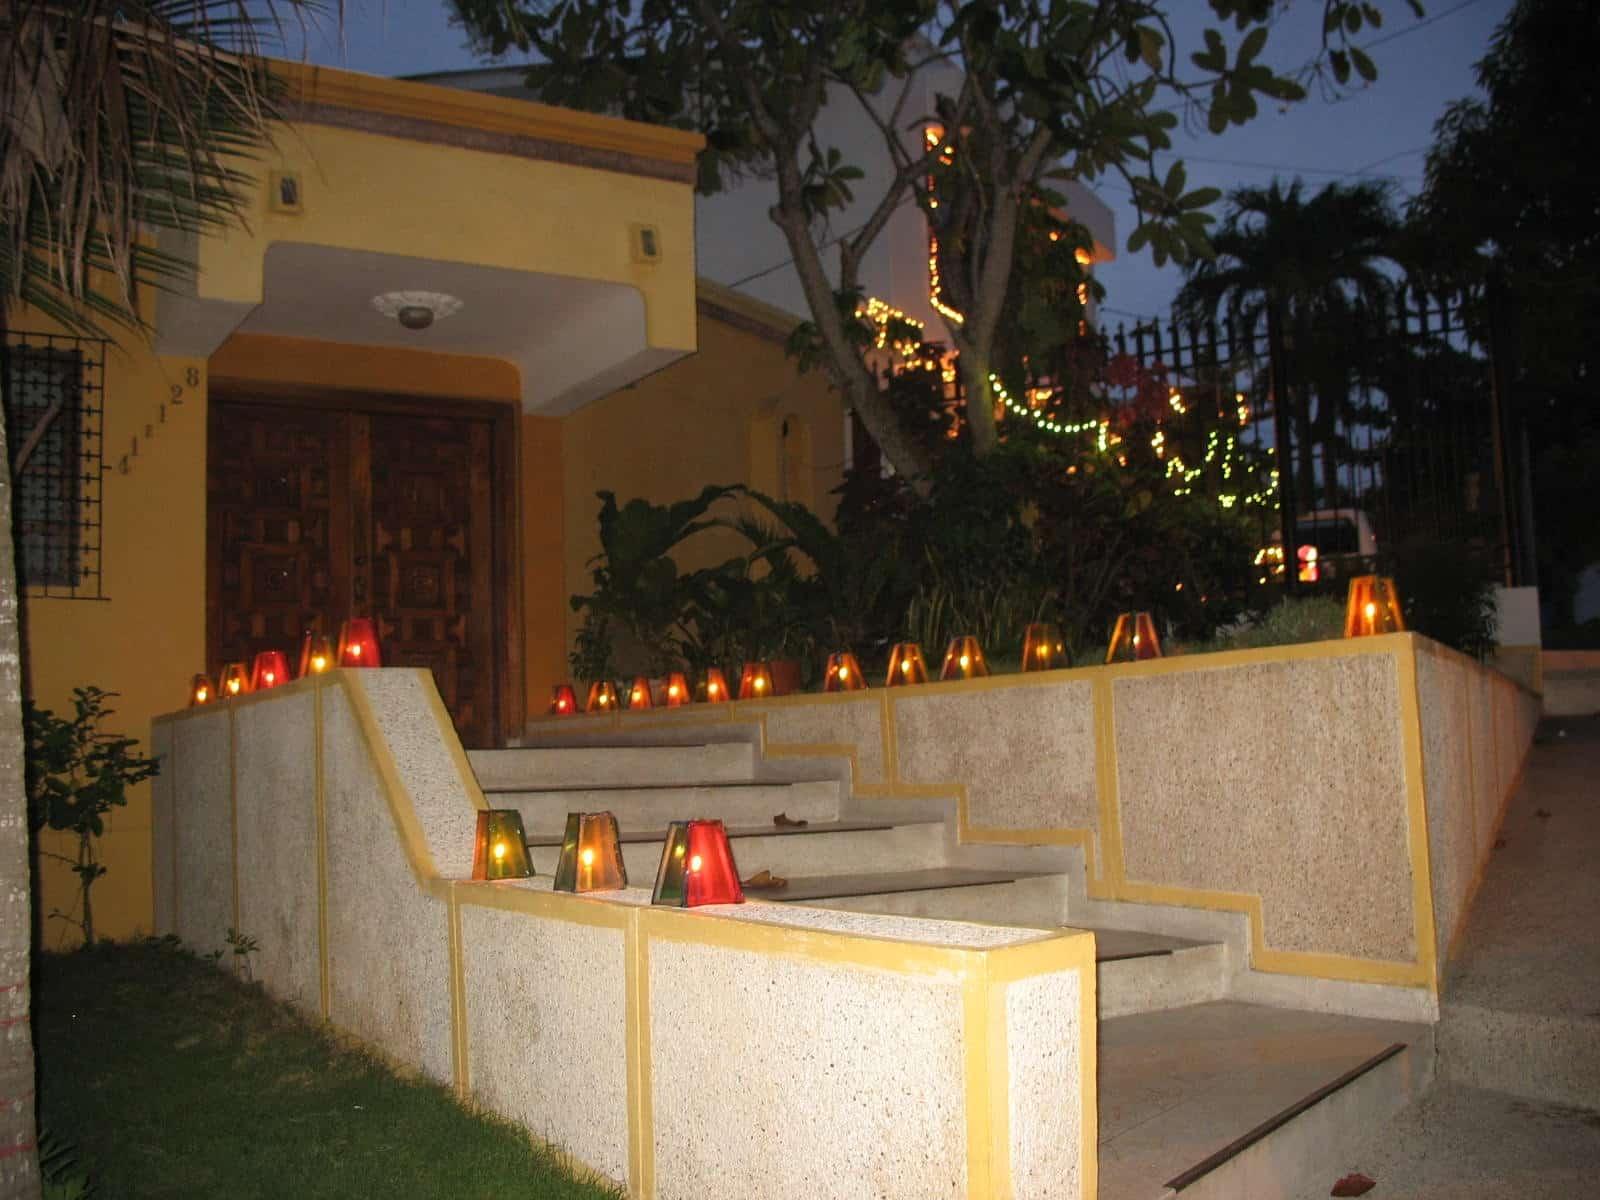 7 décembre: Journée des Bougies (Día de las Velitas)